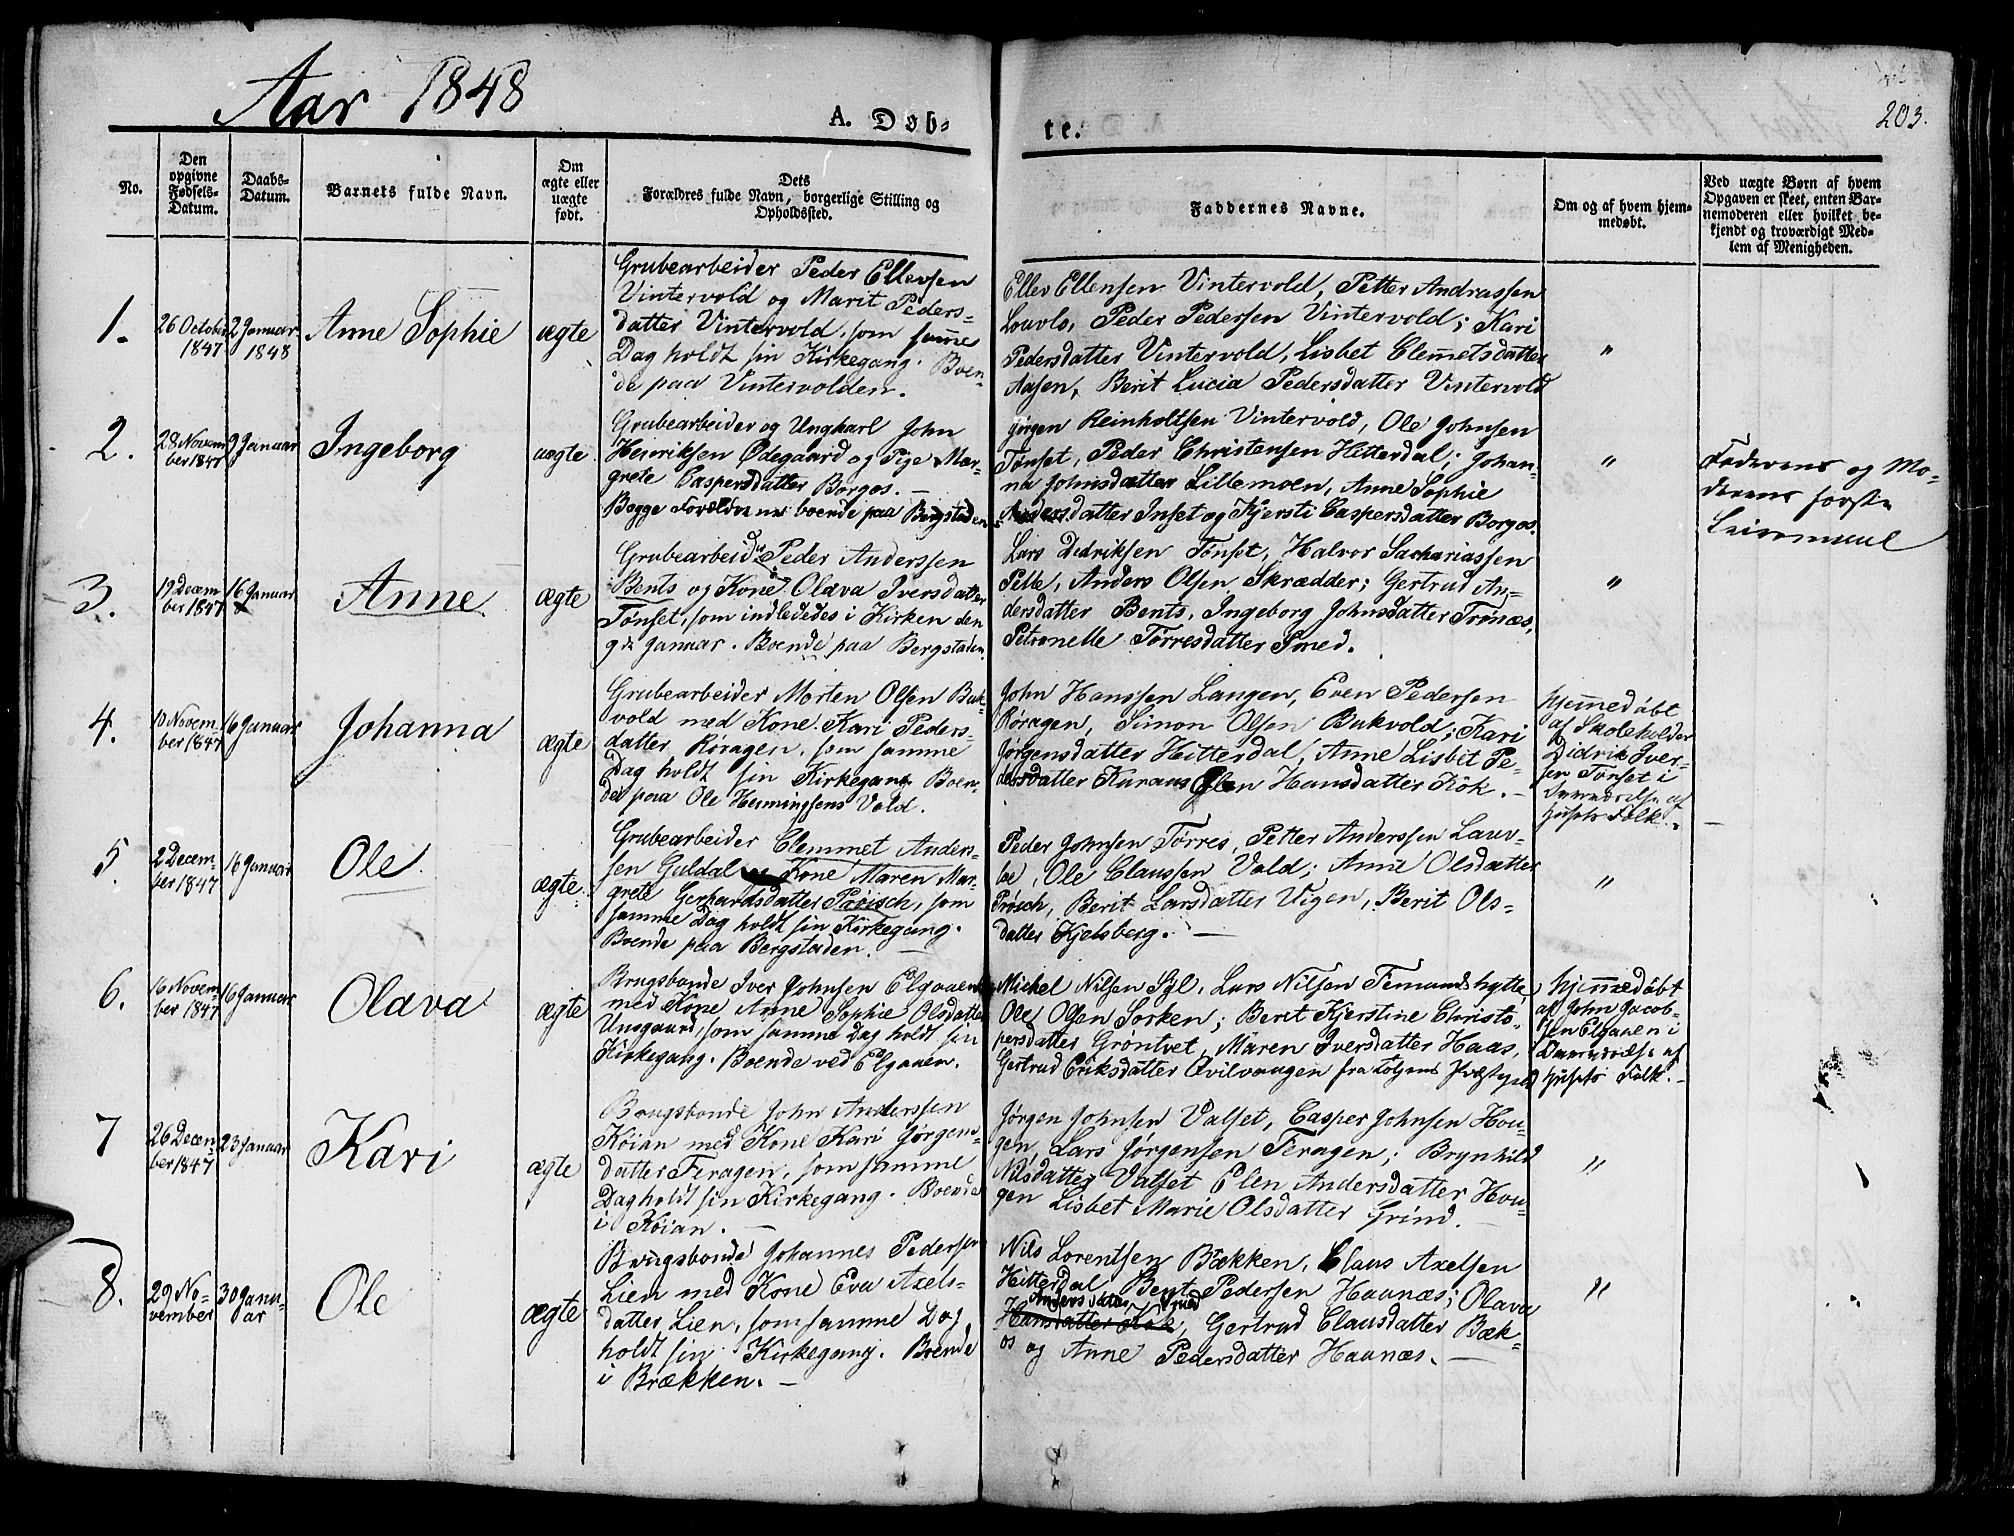 SAT, Ministerialprotokoller, klokkerbøker og fødselsregistre - Sør-Trøndelag, 681/L0938: Klokkerbok nr. 681C02, 1829-1879, s. 203